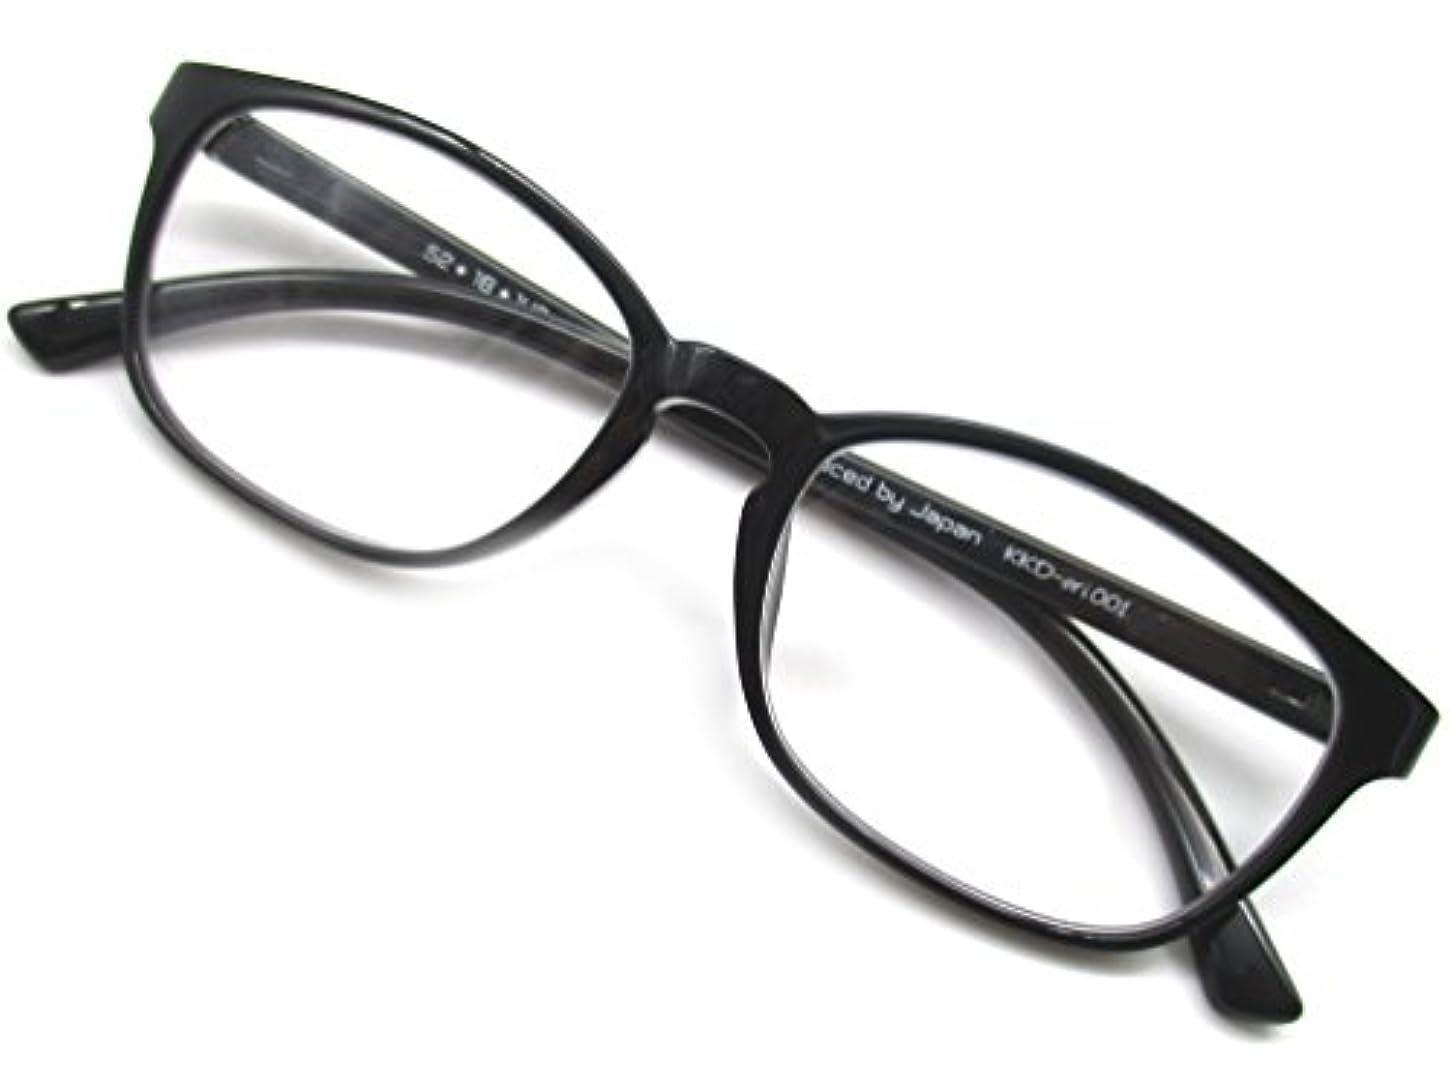 ウェリントン 老眼鏡 リーディンググラス シニアグラス 軽量 超弾性素材 TR90 ブラック